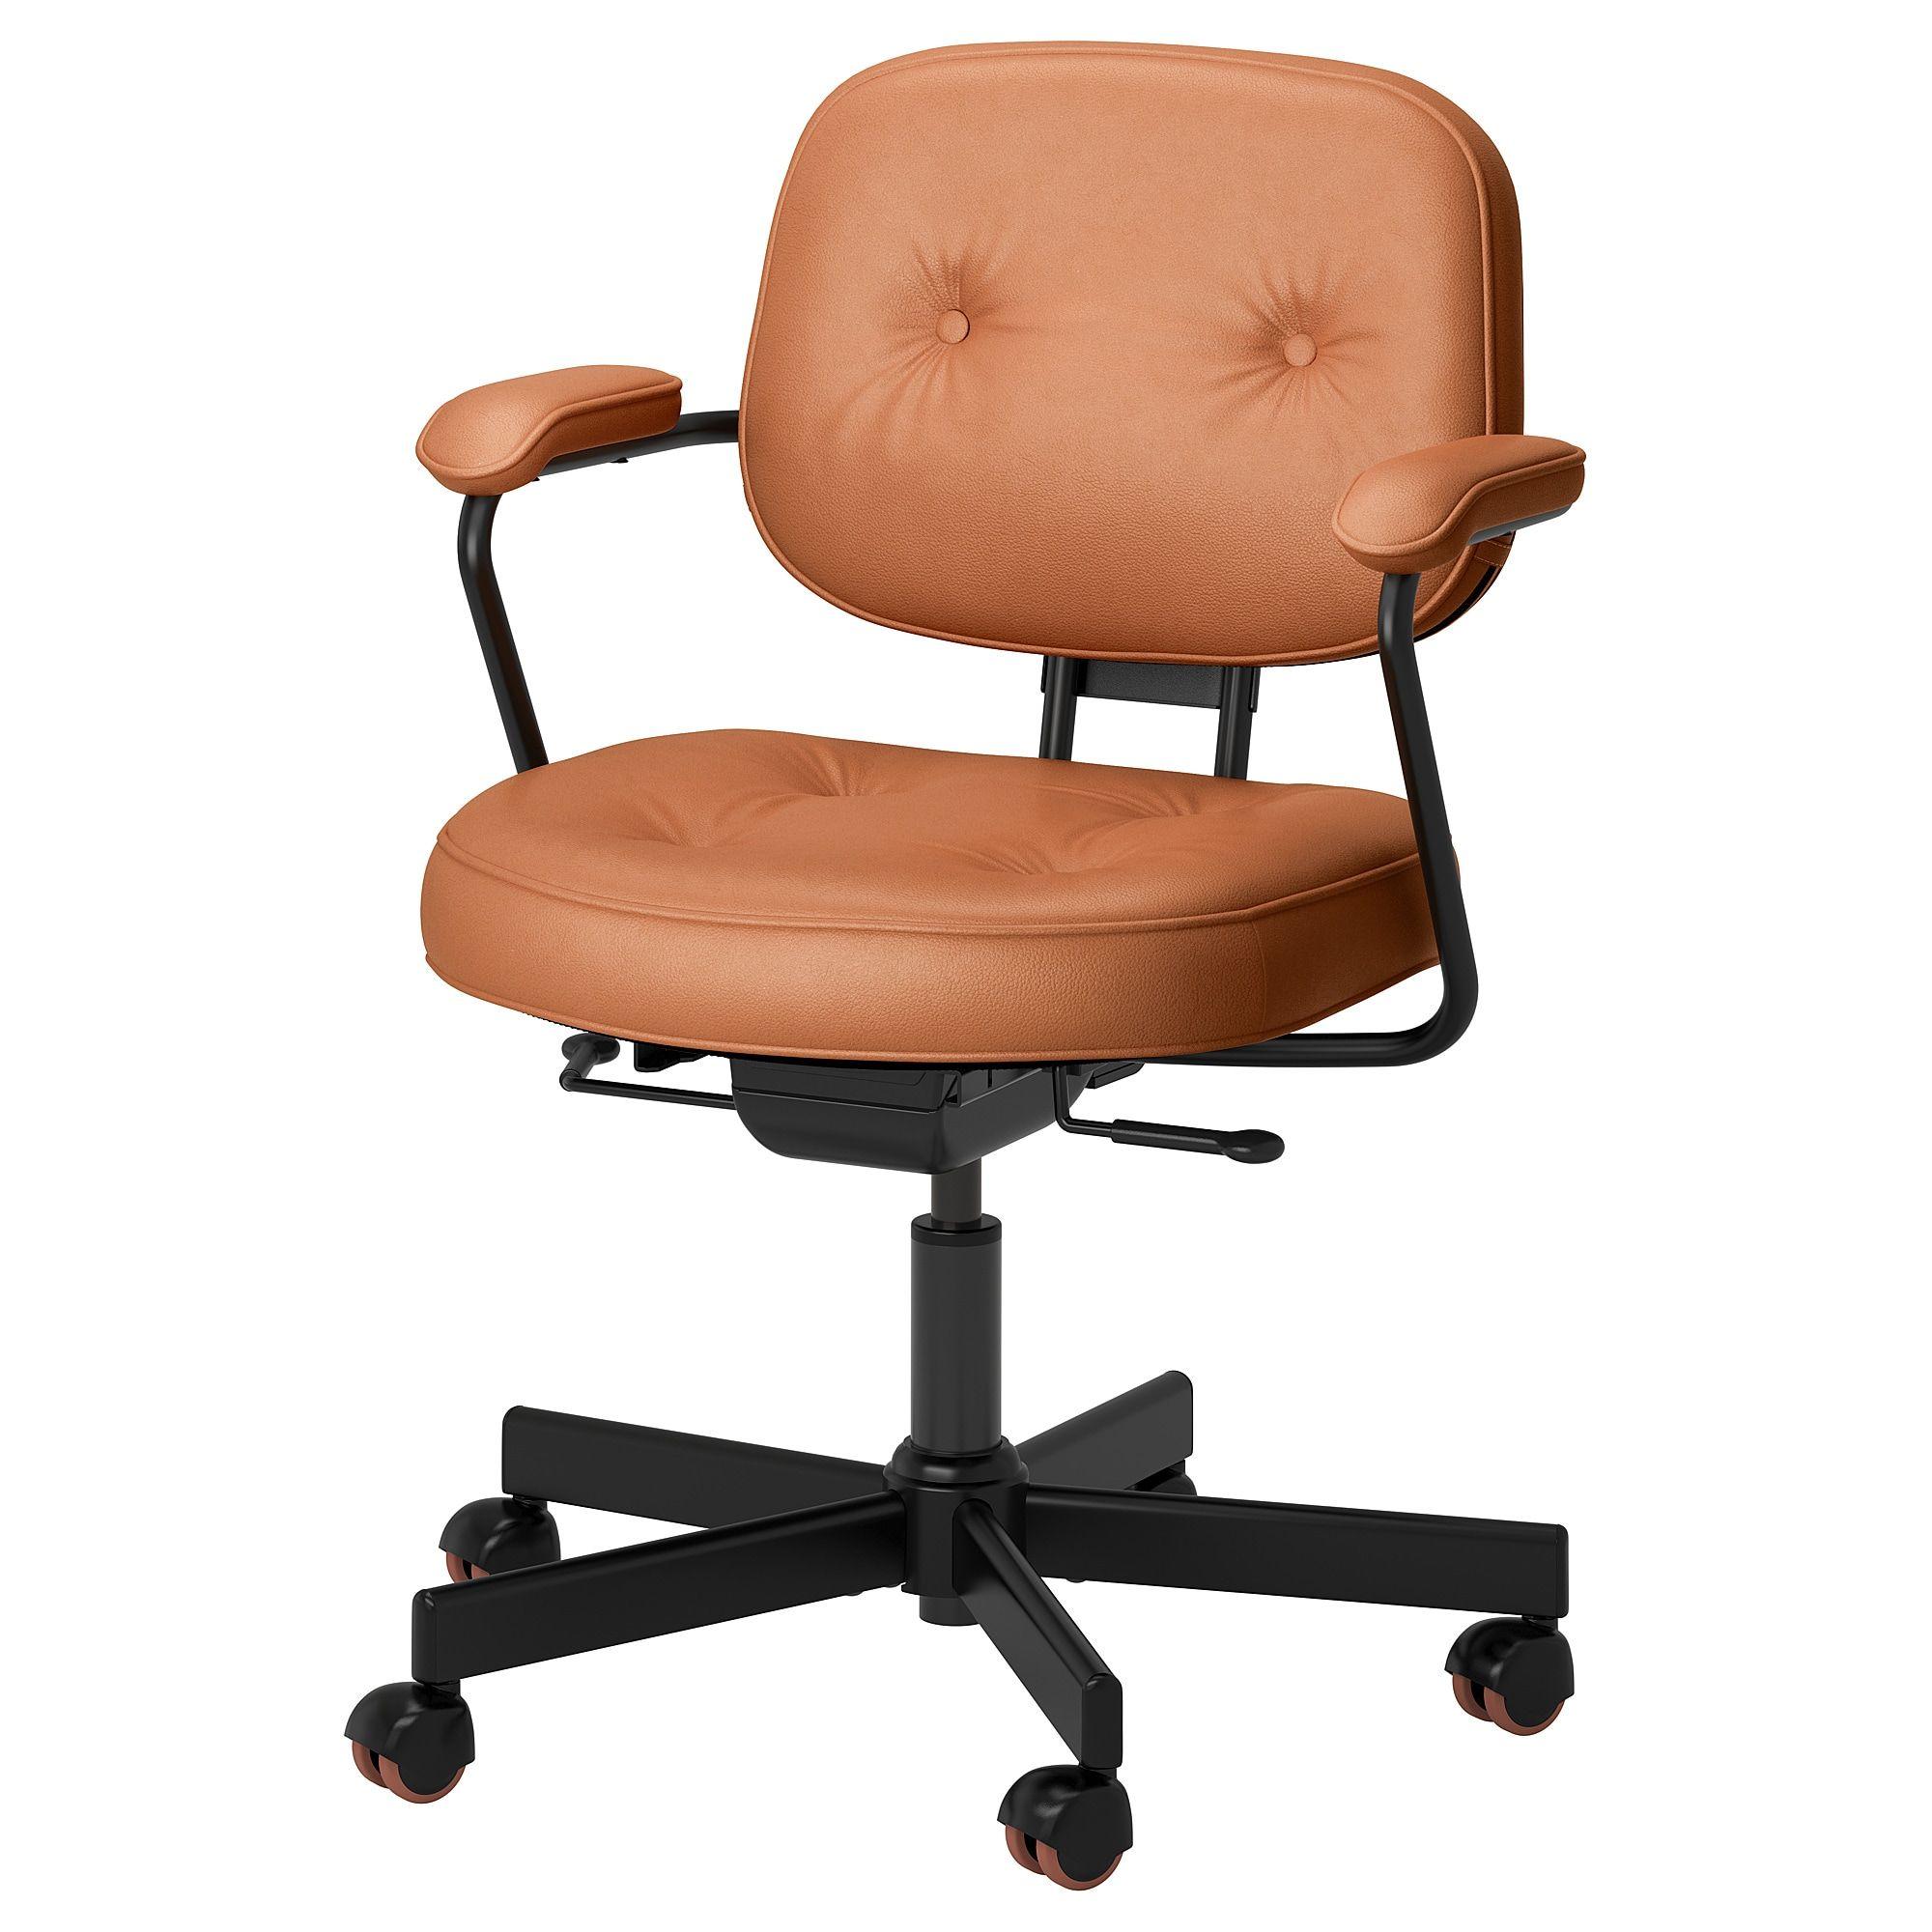 ALEFJÄLL Office chair Grann golden brown Swivel chair